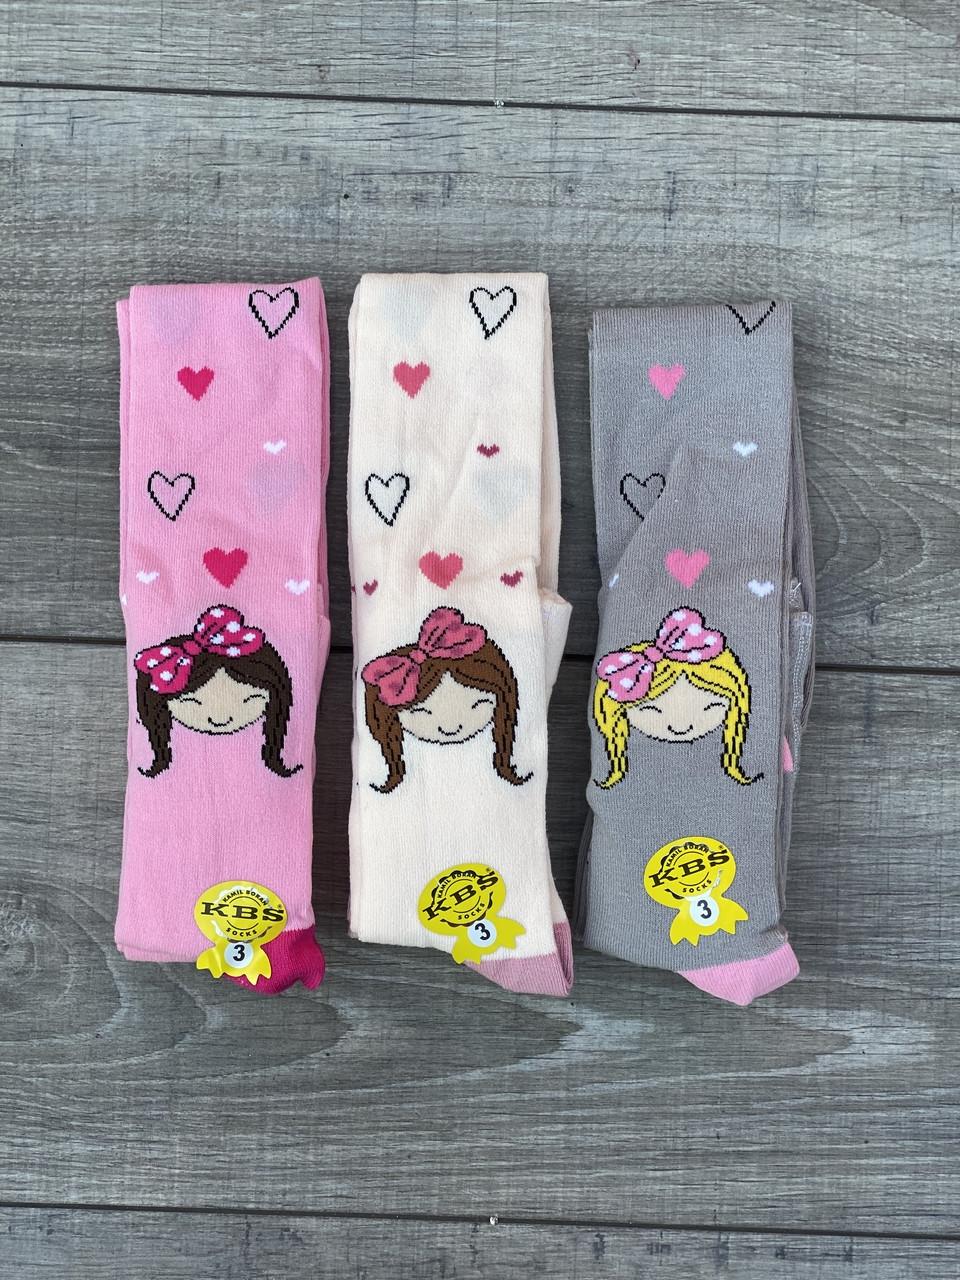 Дитячі колготи бавовна KBS принцеса для дівчаток 1,3 року 6 шт. в уп. мікс 3х кольорів